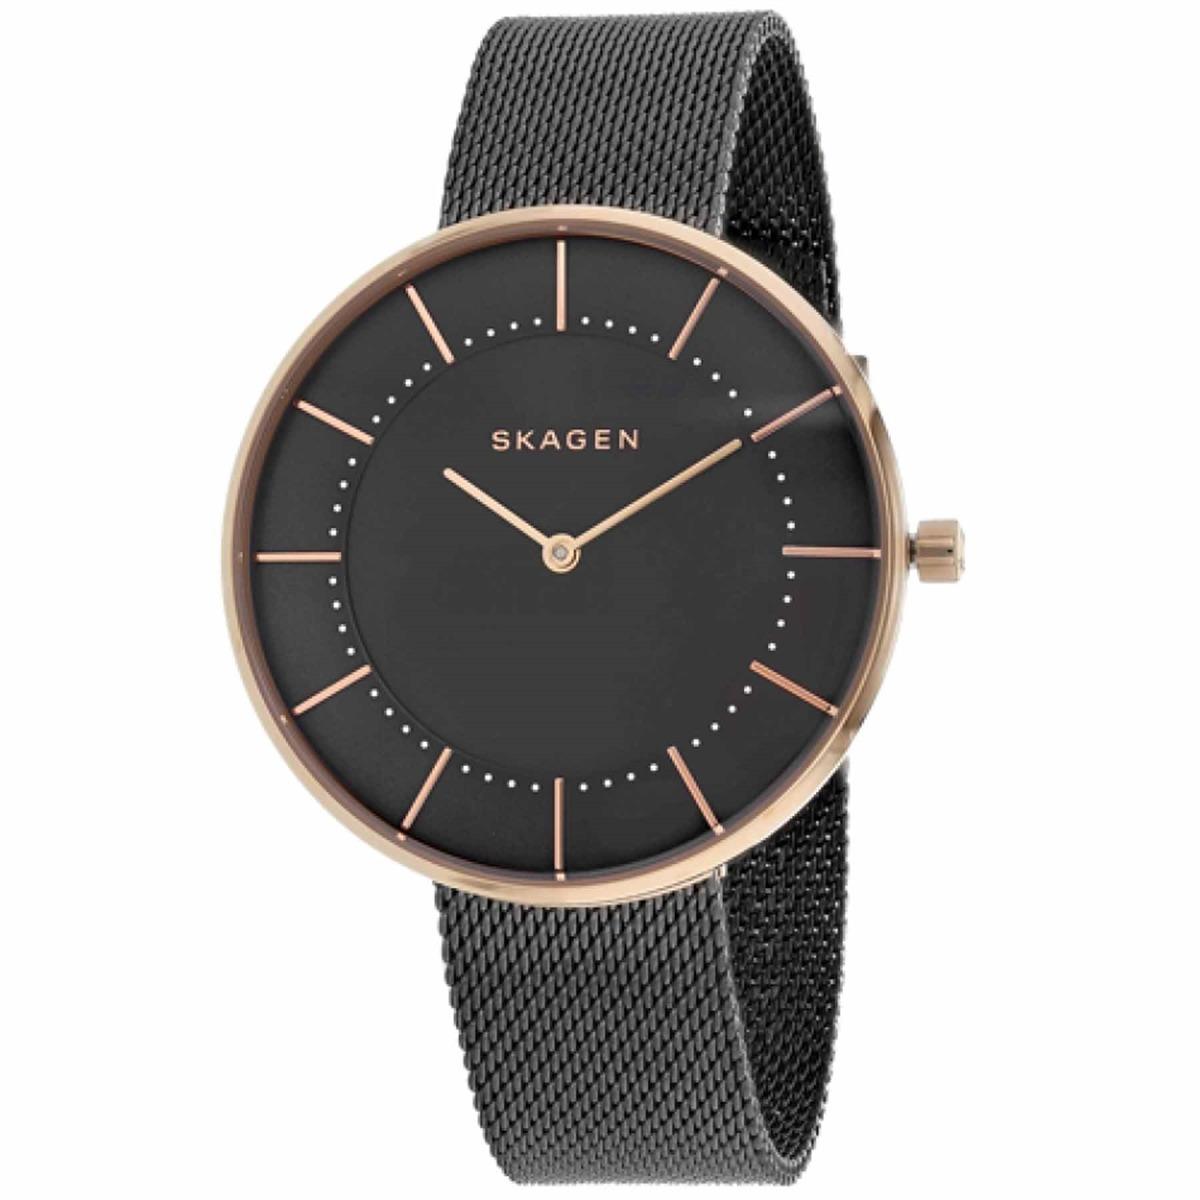 254c4eee1e5e1 Relógio Skagen Feminino Slim Analógico Skw2584 4cn - R  1.027,00 em ...